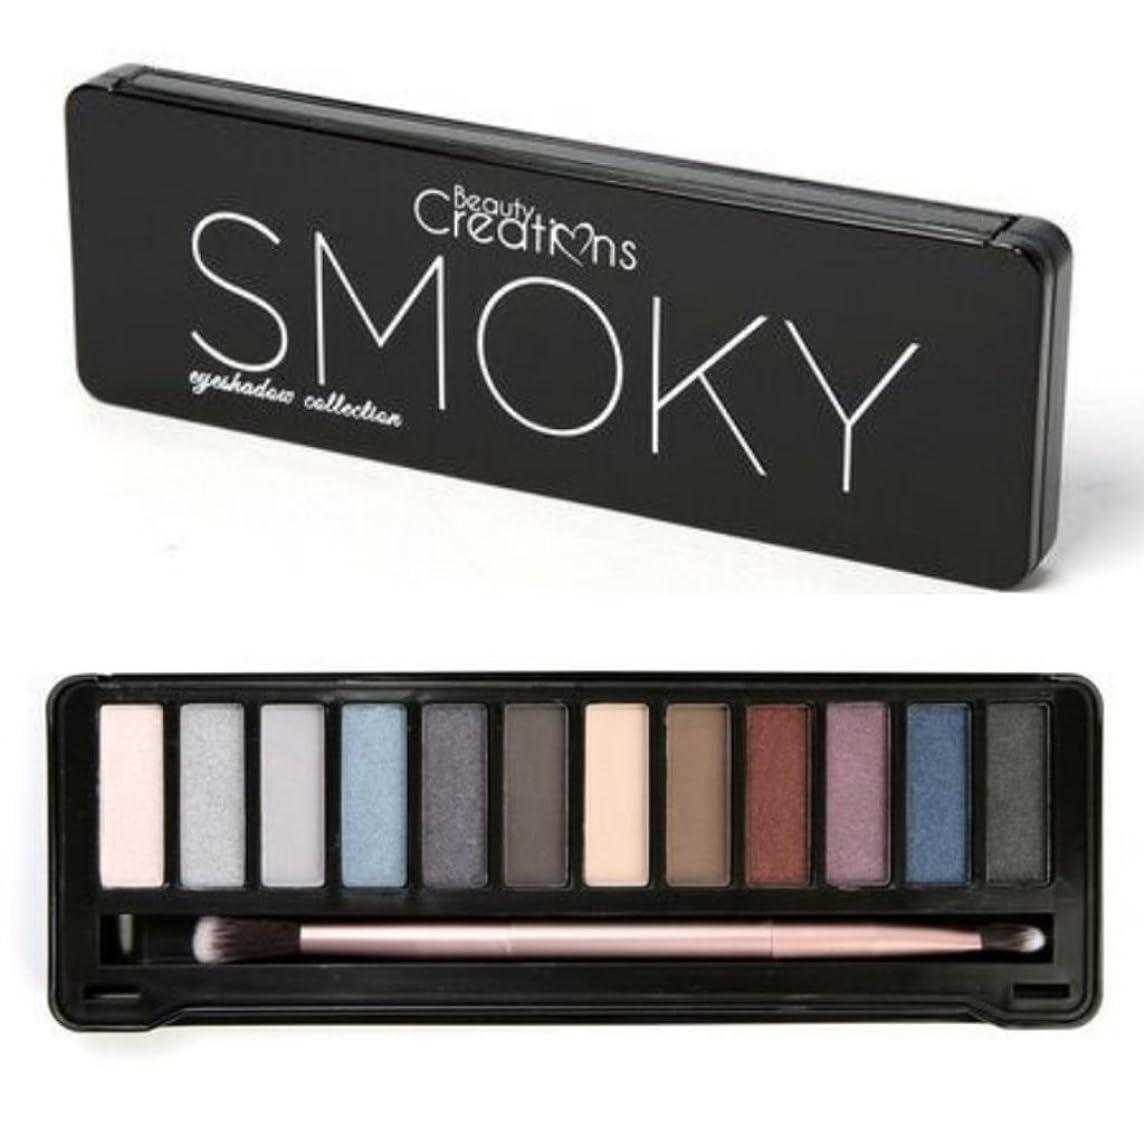 比べるネット借りるBEAUTY CREATIONS Intense Eyeshadow Palette - Smoky (並行輸入品)